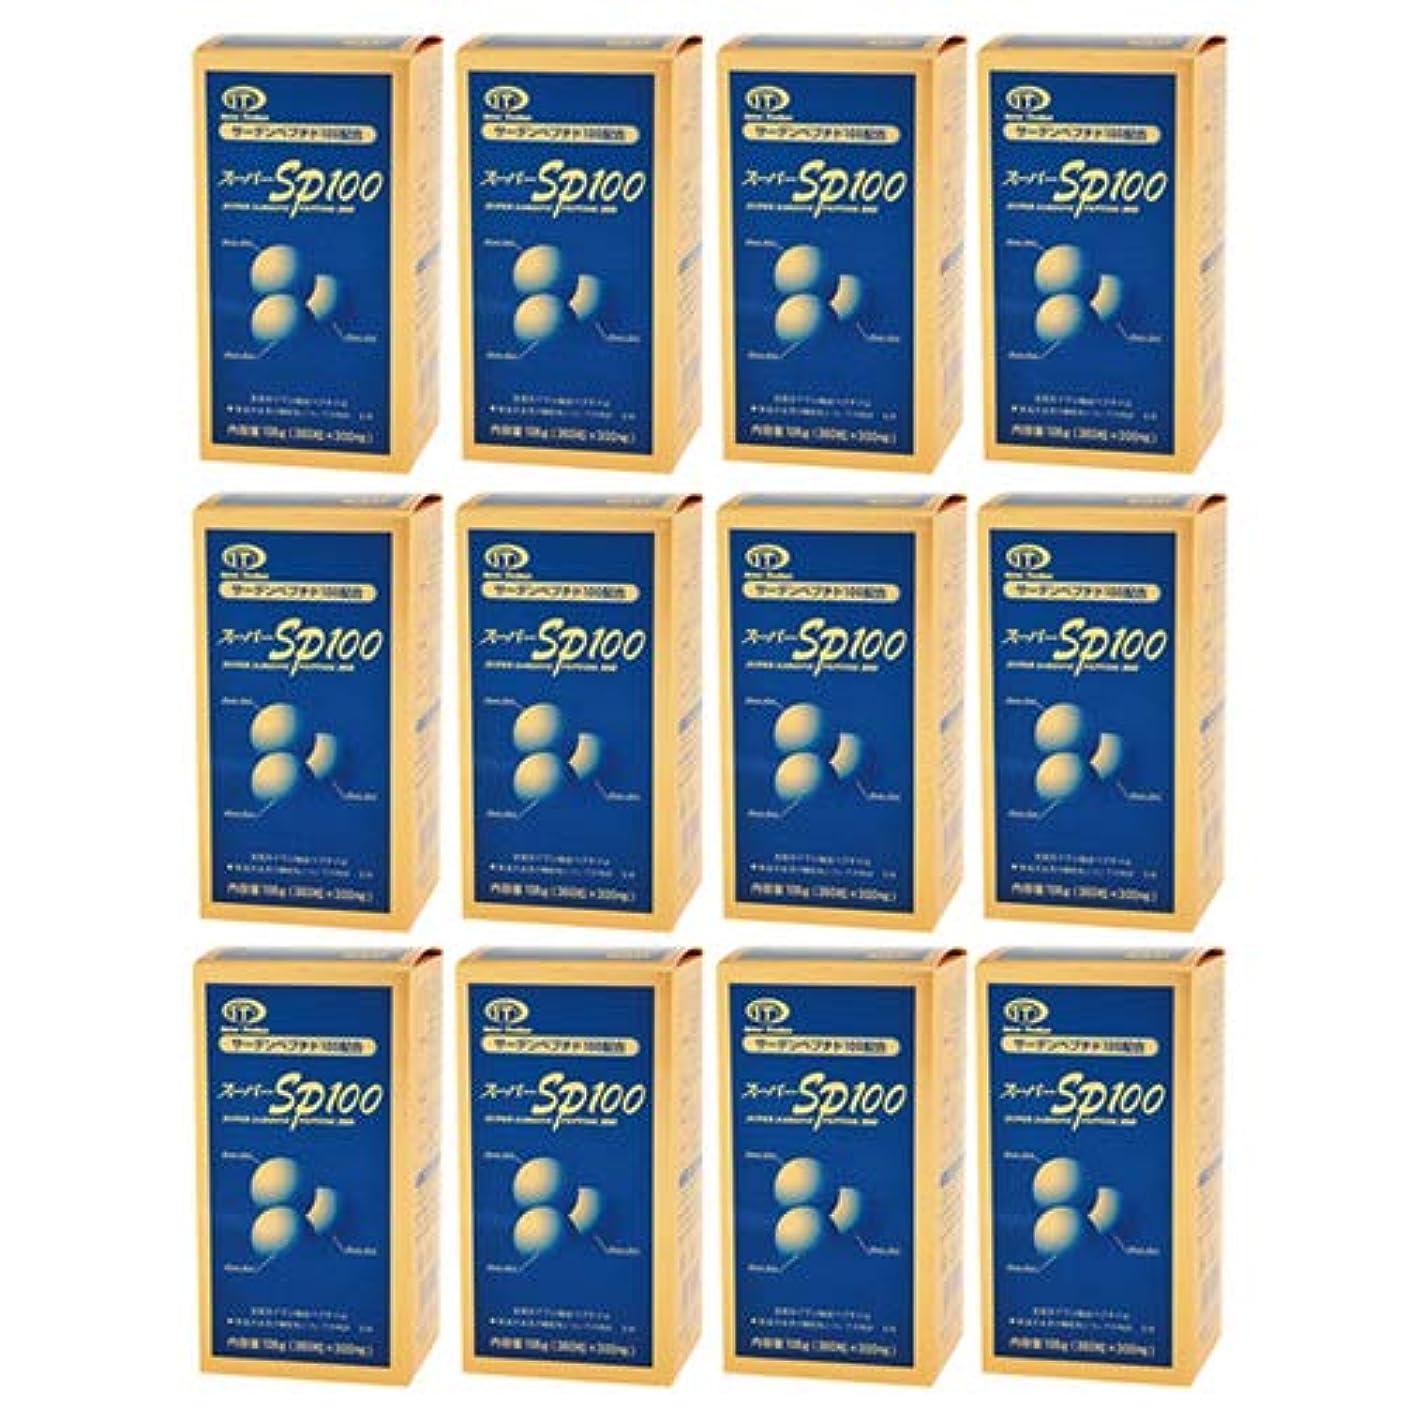 ビジタールーフクックスーパーSP100(イワシペプチド)(360粒) 12箱